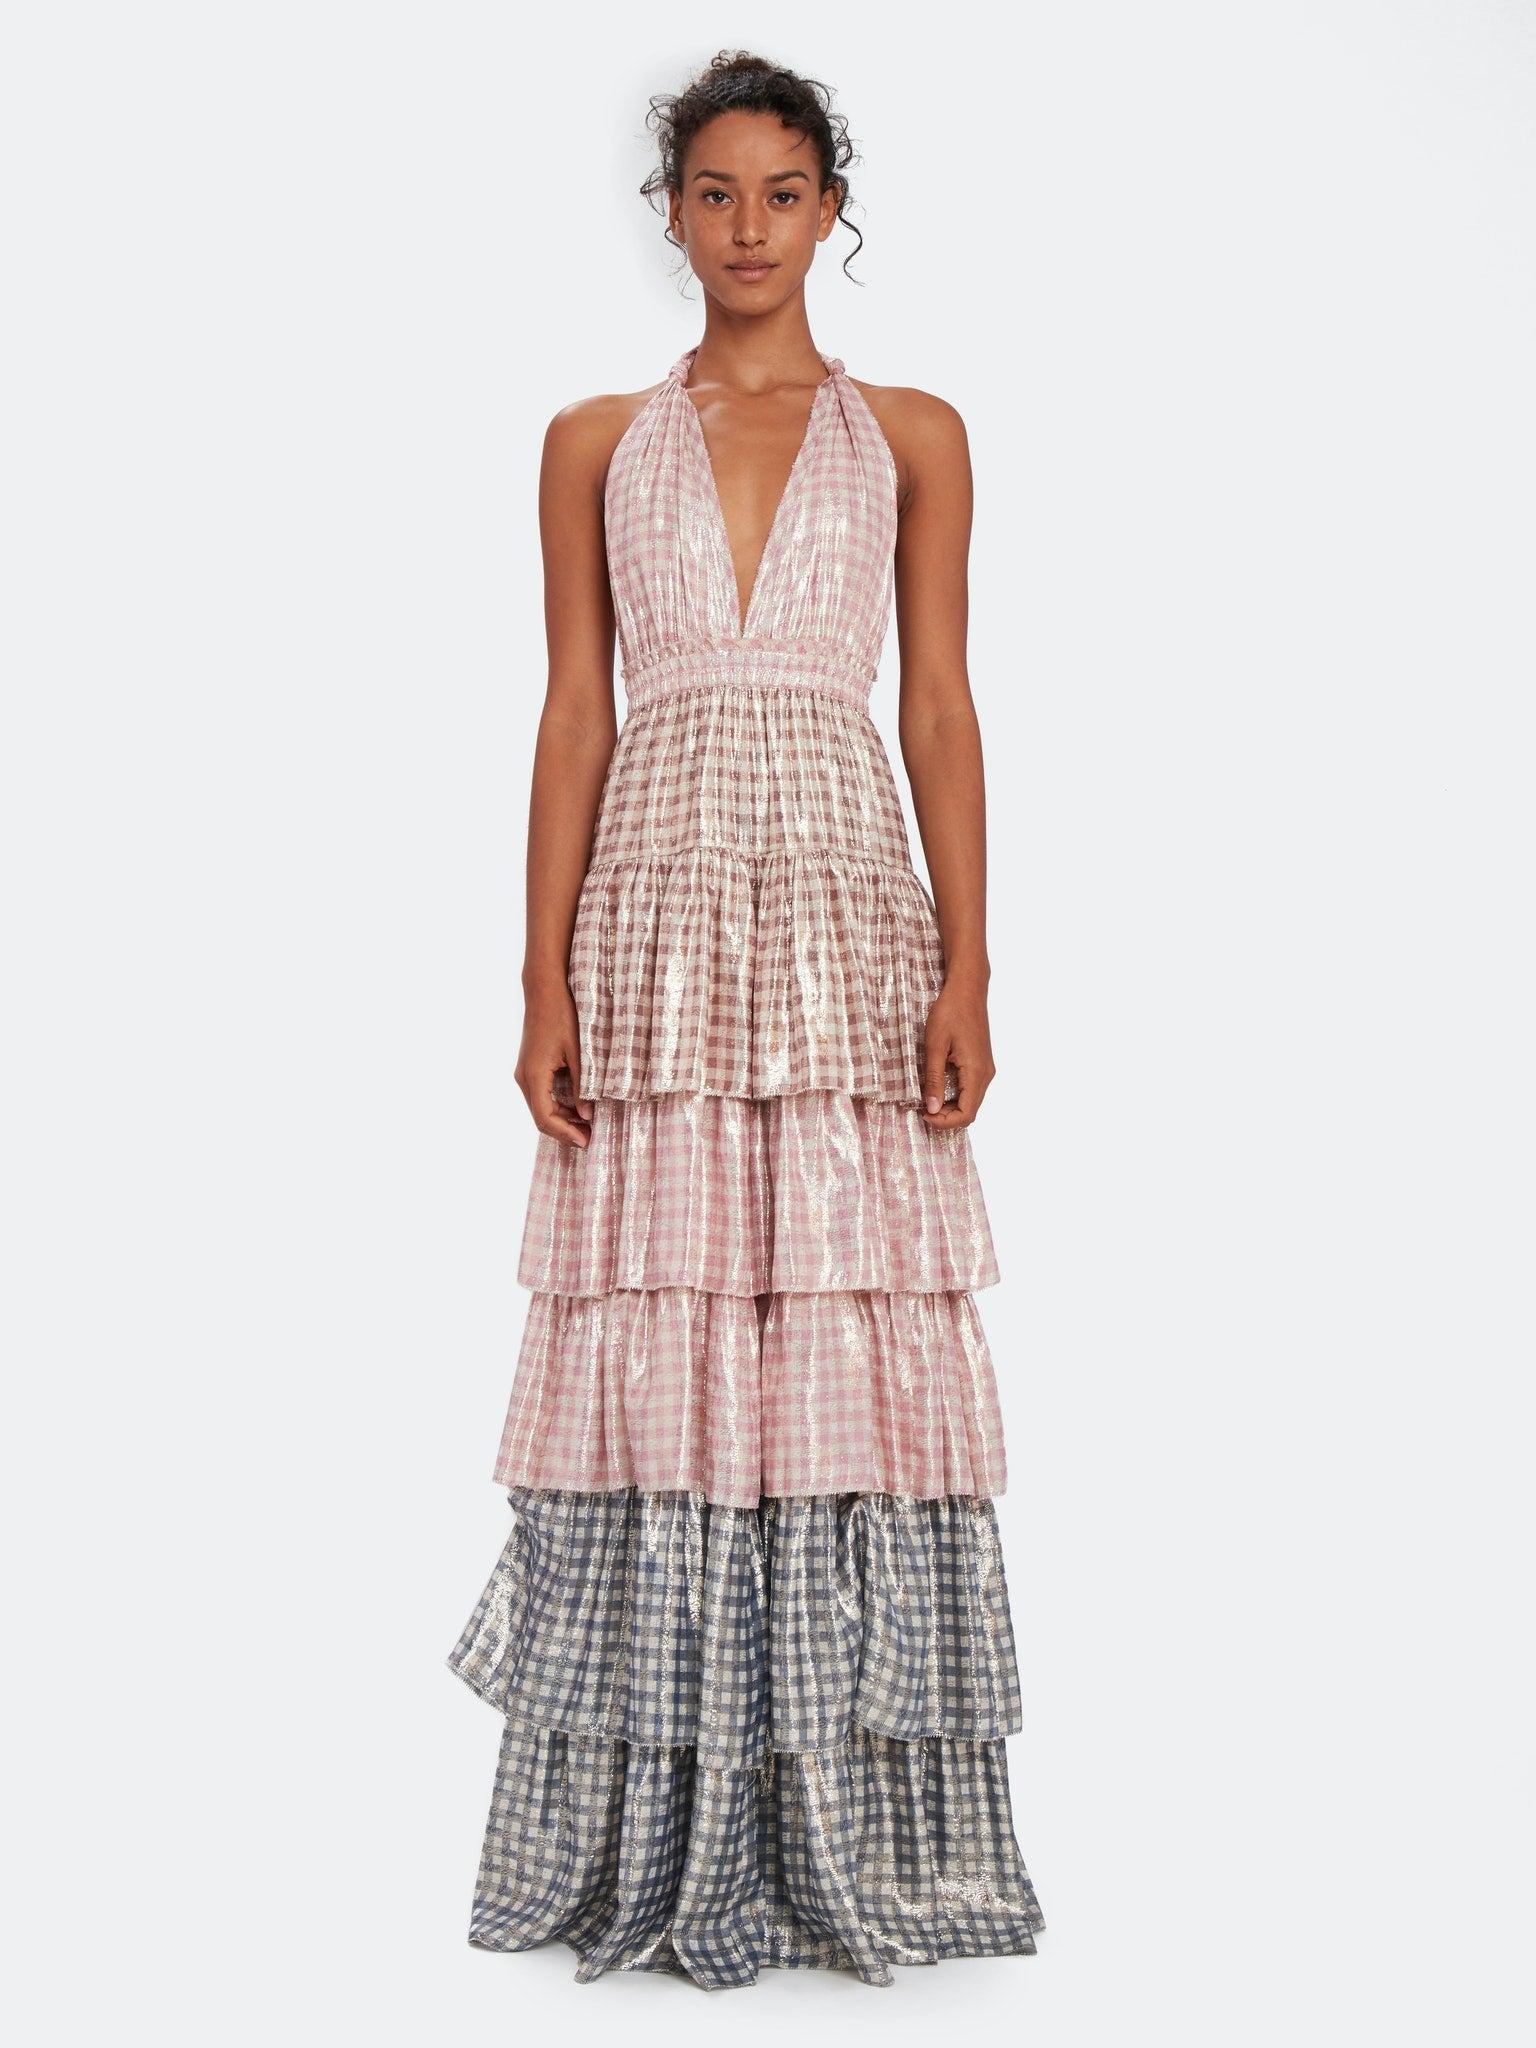 LoveShackFancy Clarissa Ruffle Maxi Dress